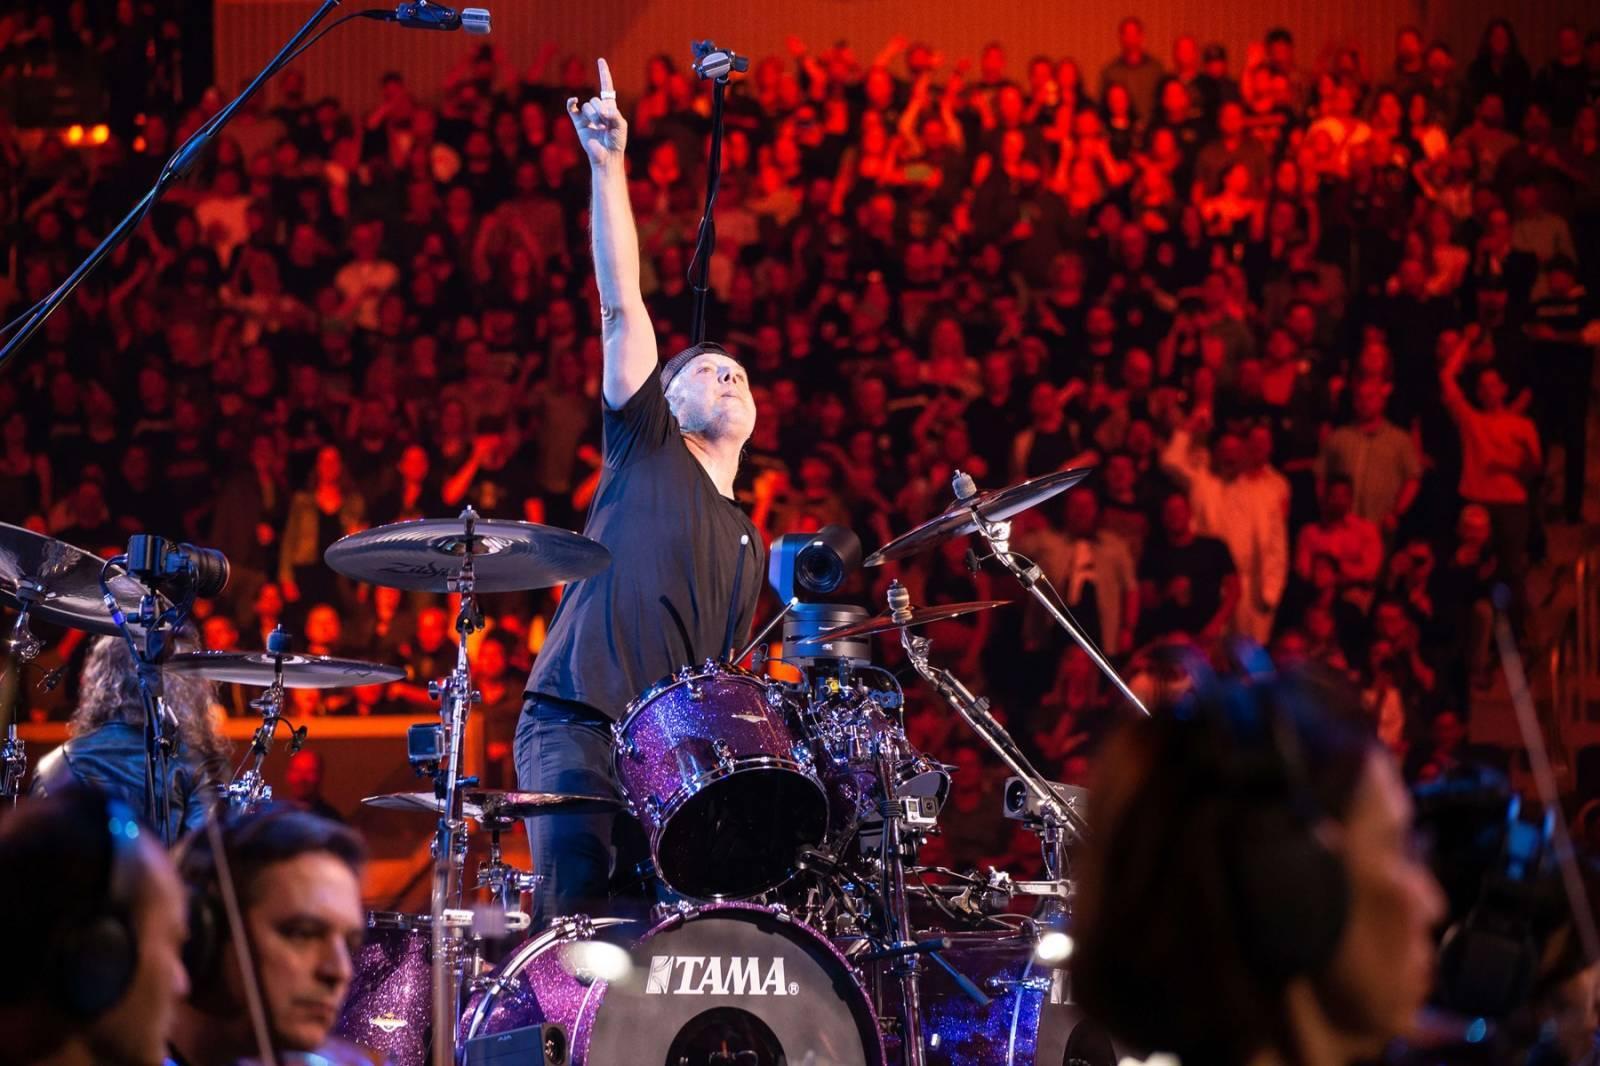 Metallica a San Francisco Symphony vydají živé album S&M2. Fanouškům poslali ochutnávku Nothing Else Matters